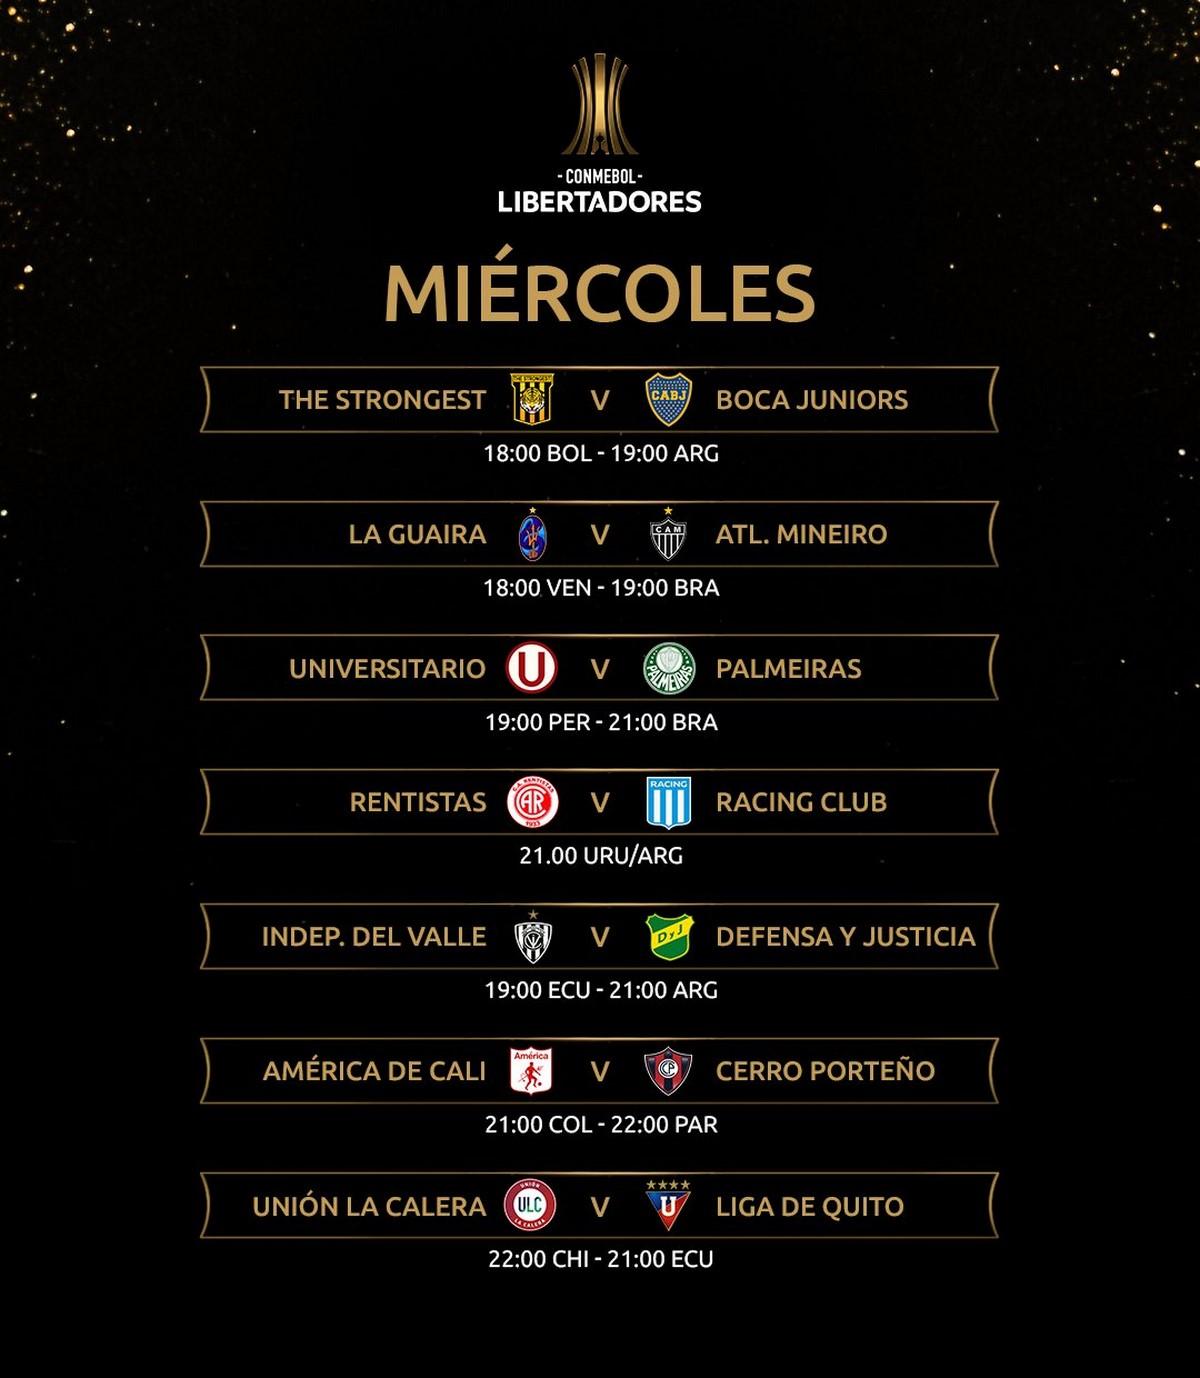 Fase de grupos de la Copa Libertadores se abrio con seis partidos 6